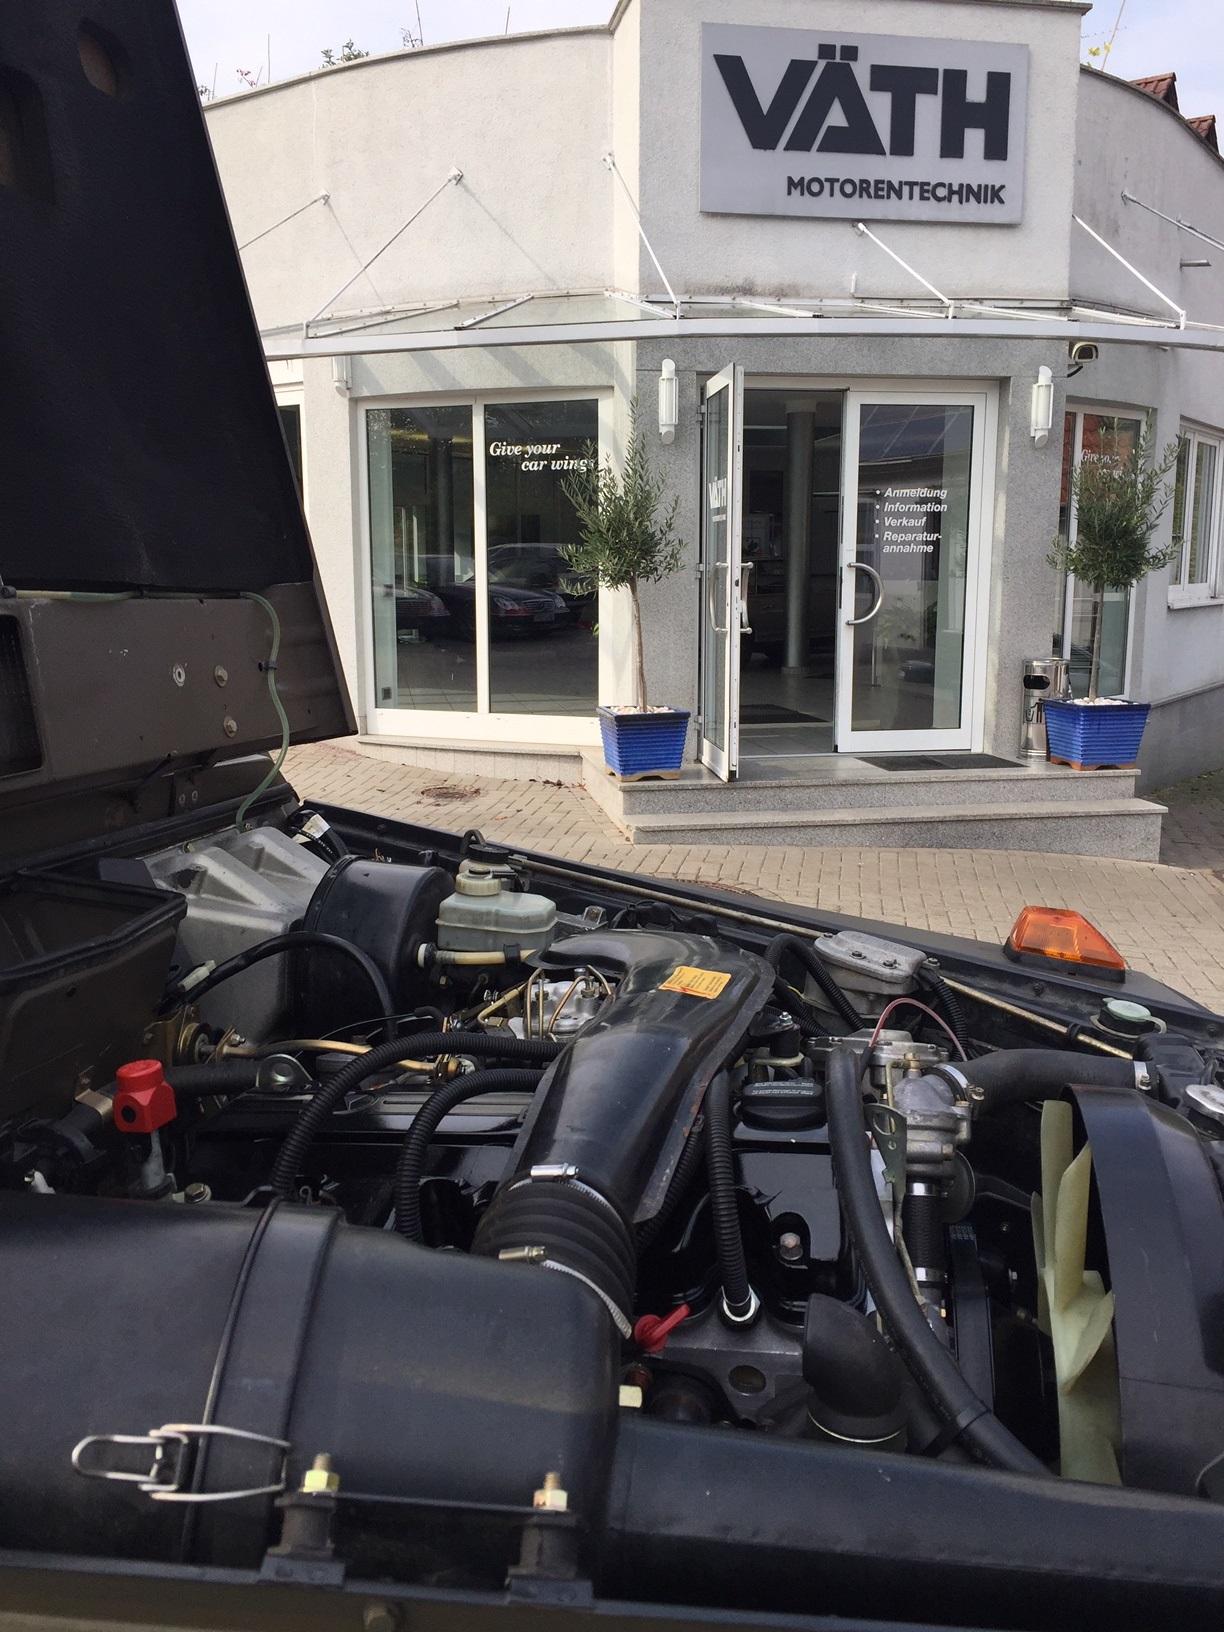 Mercedes / Puch 230GE Motorumbau auf 2,5 Liter Hubraum